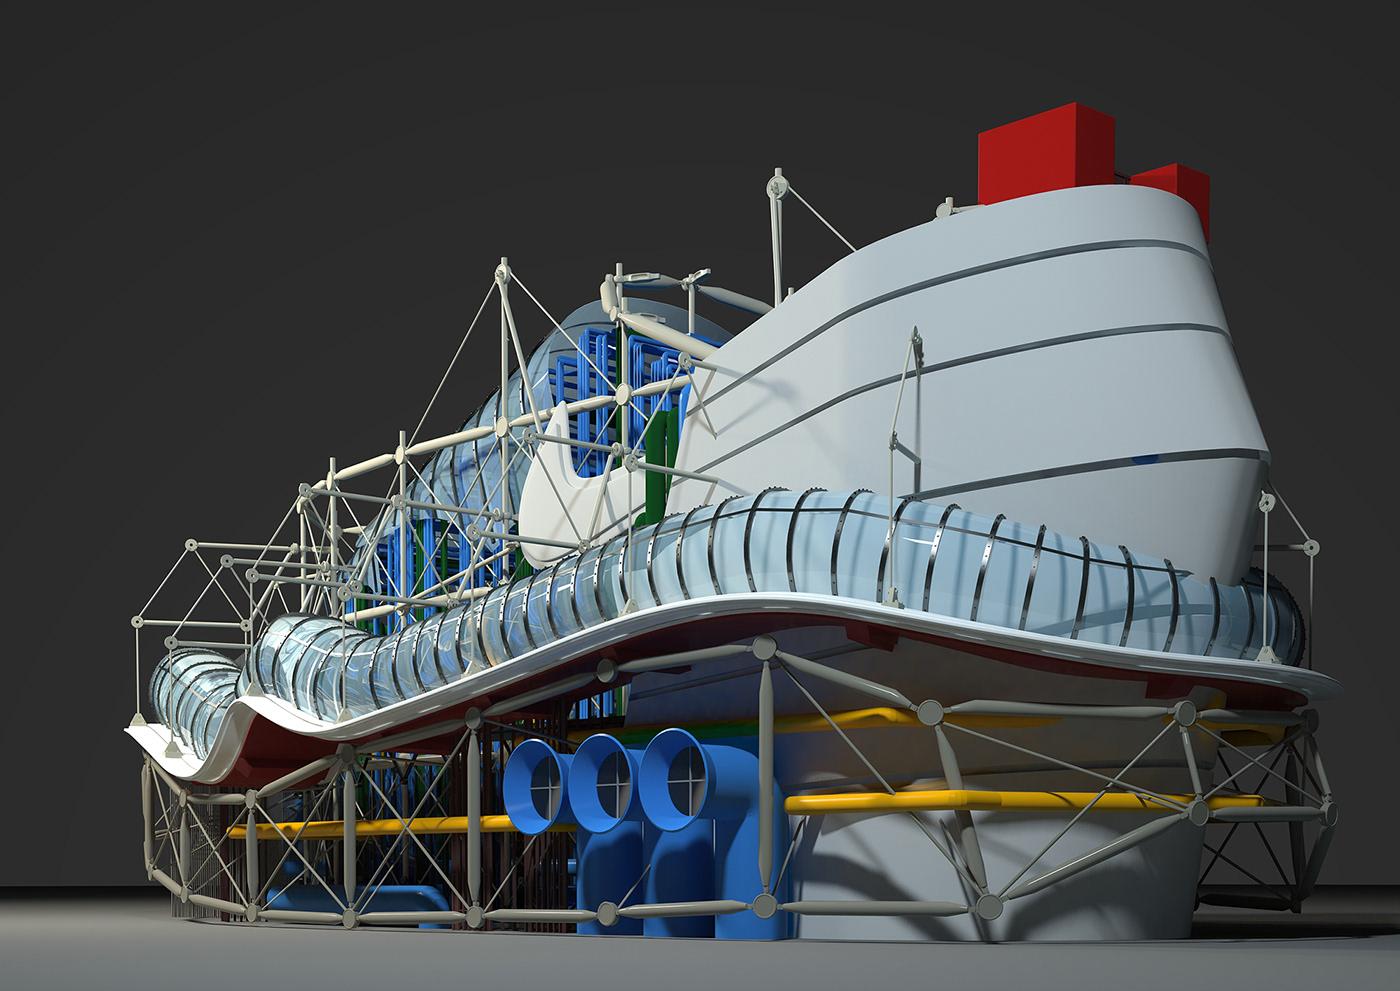 Ấn tượng với những ý tưởng công trình lấy cảm hứng từ Nike